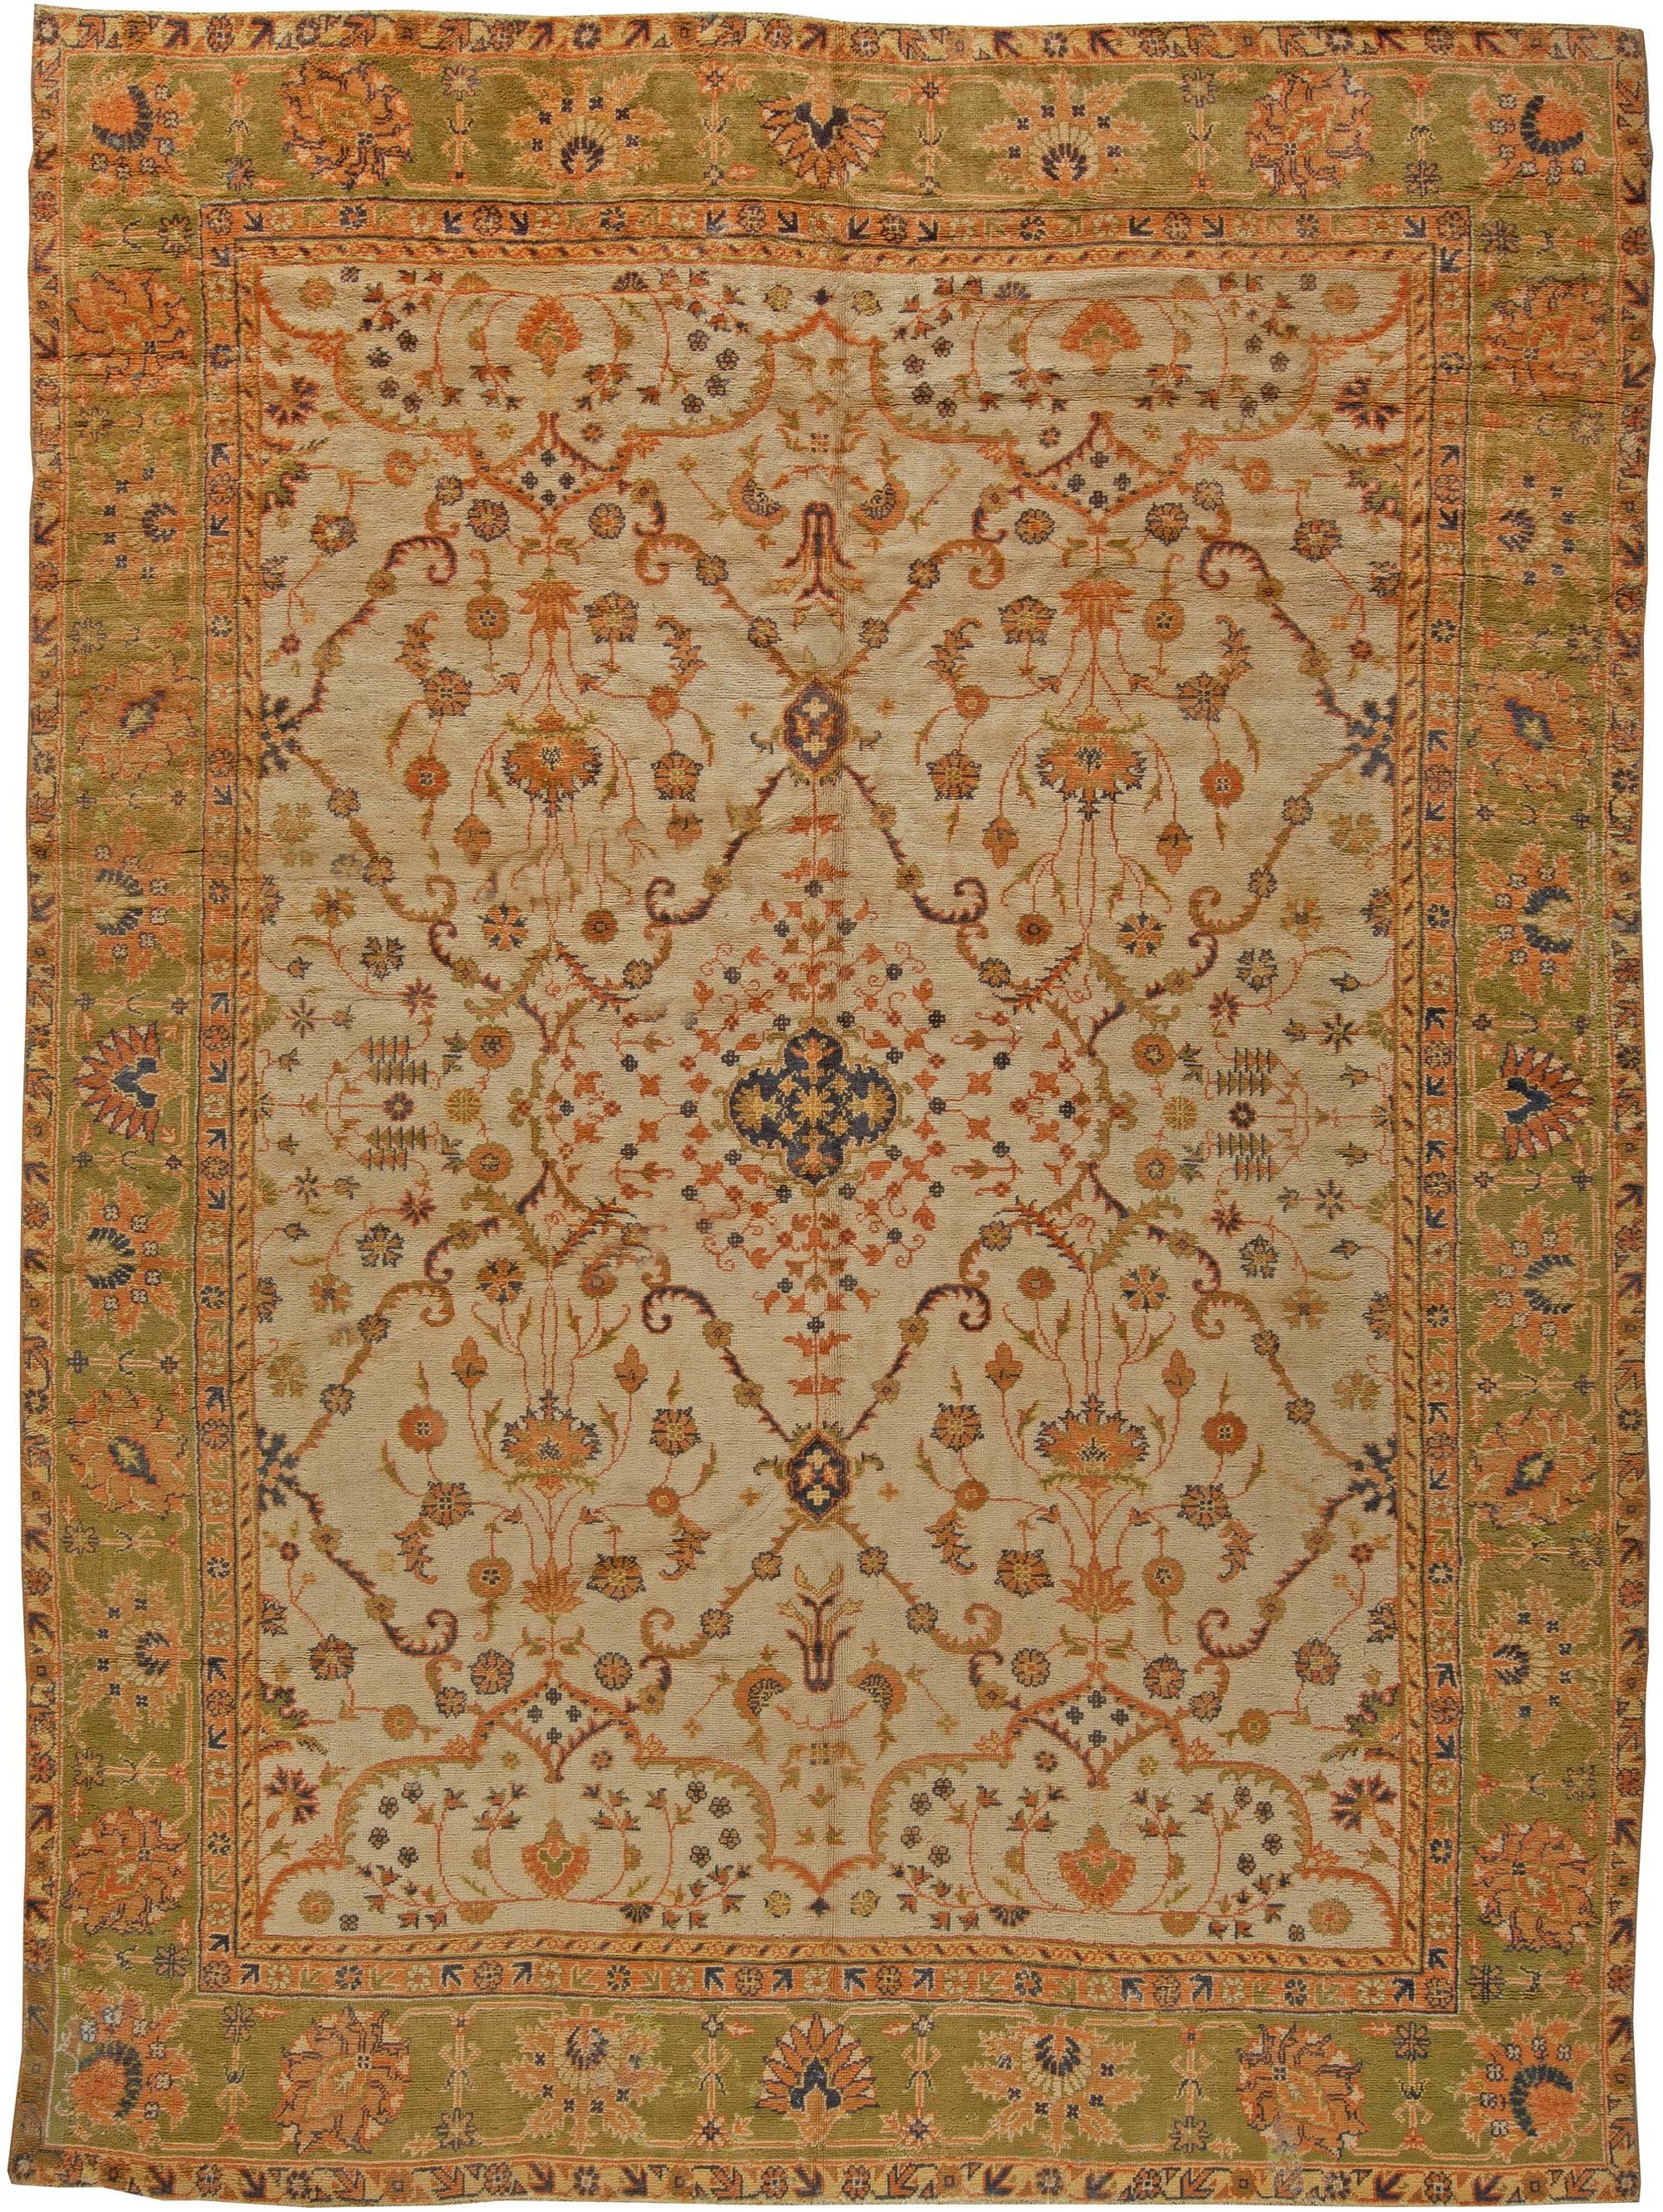 alfombras turcas antiguas y alfombras kilim en venta rea